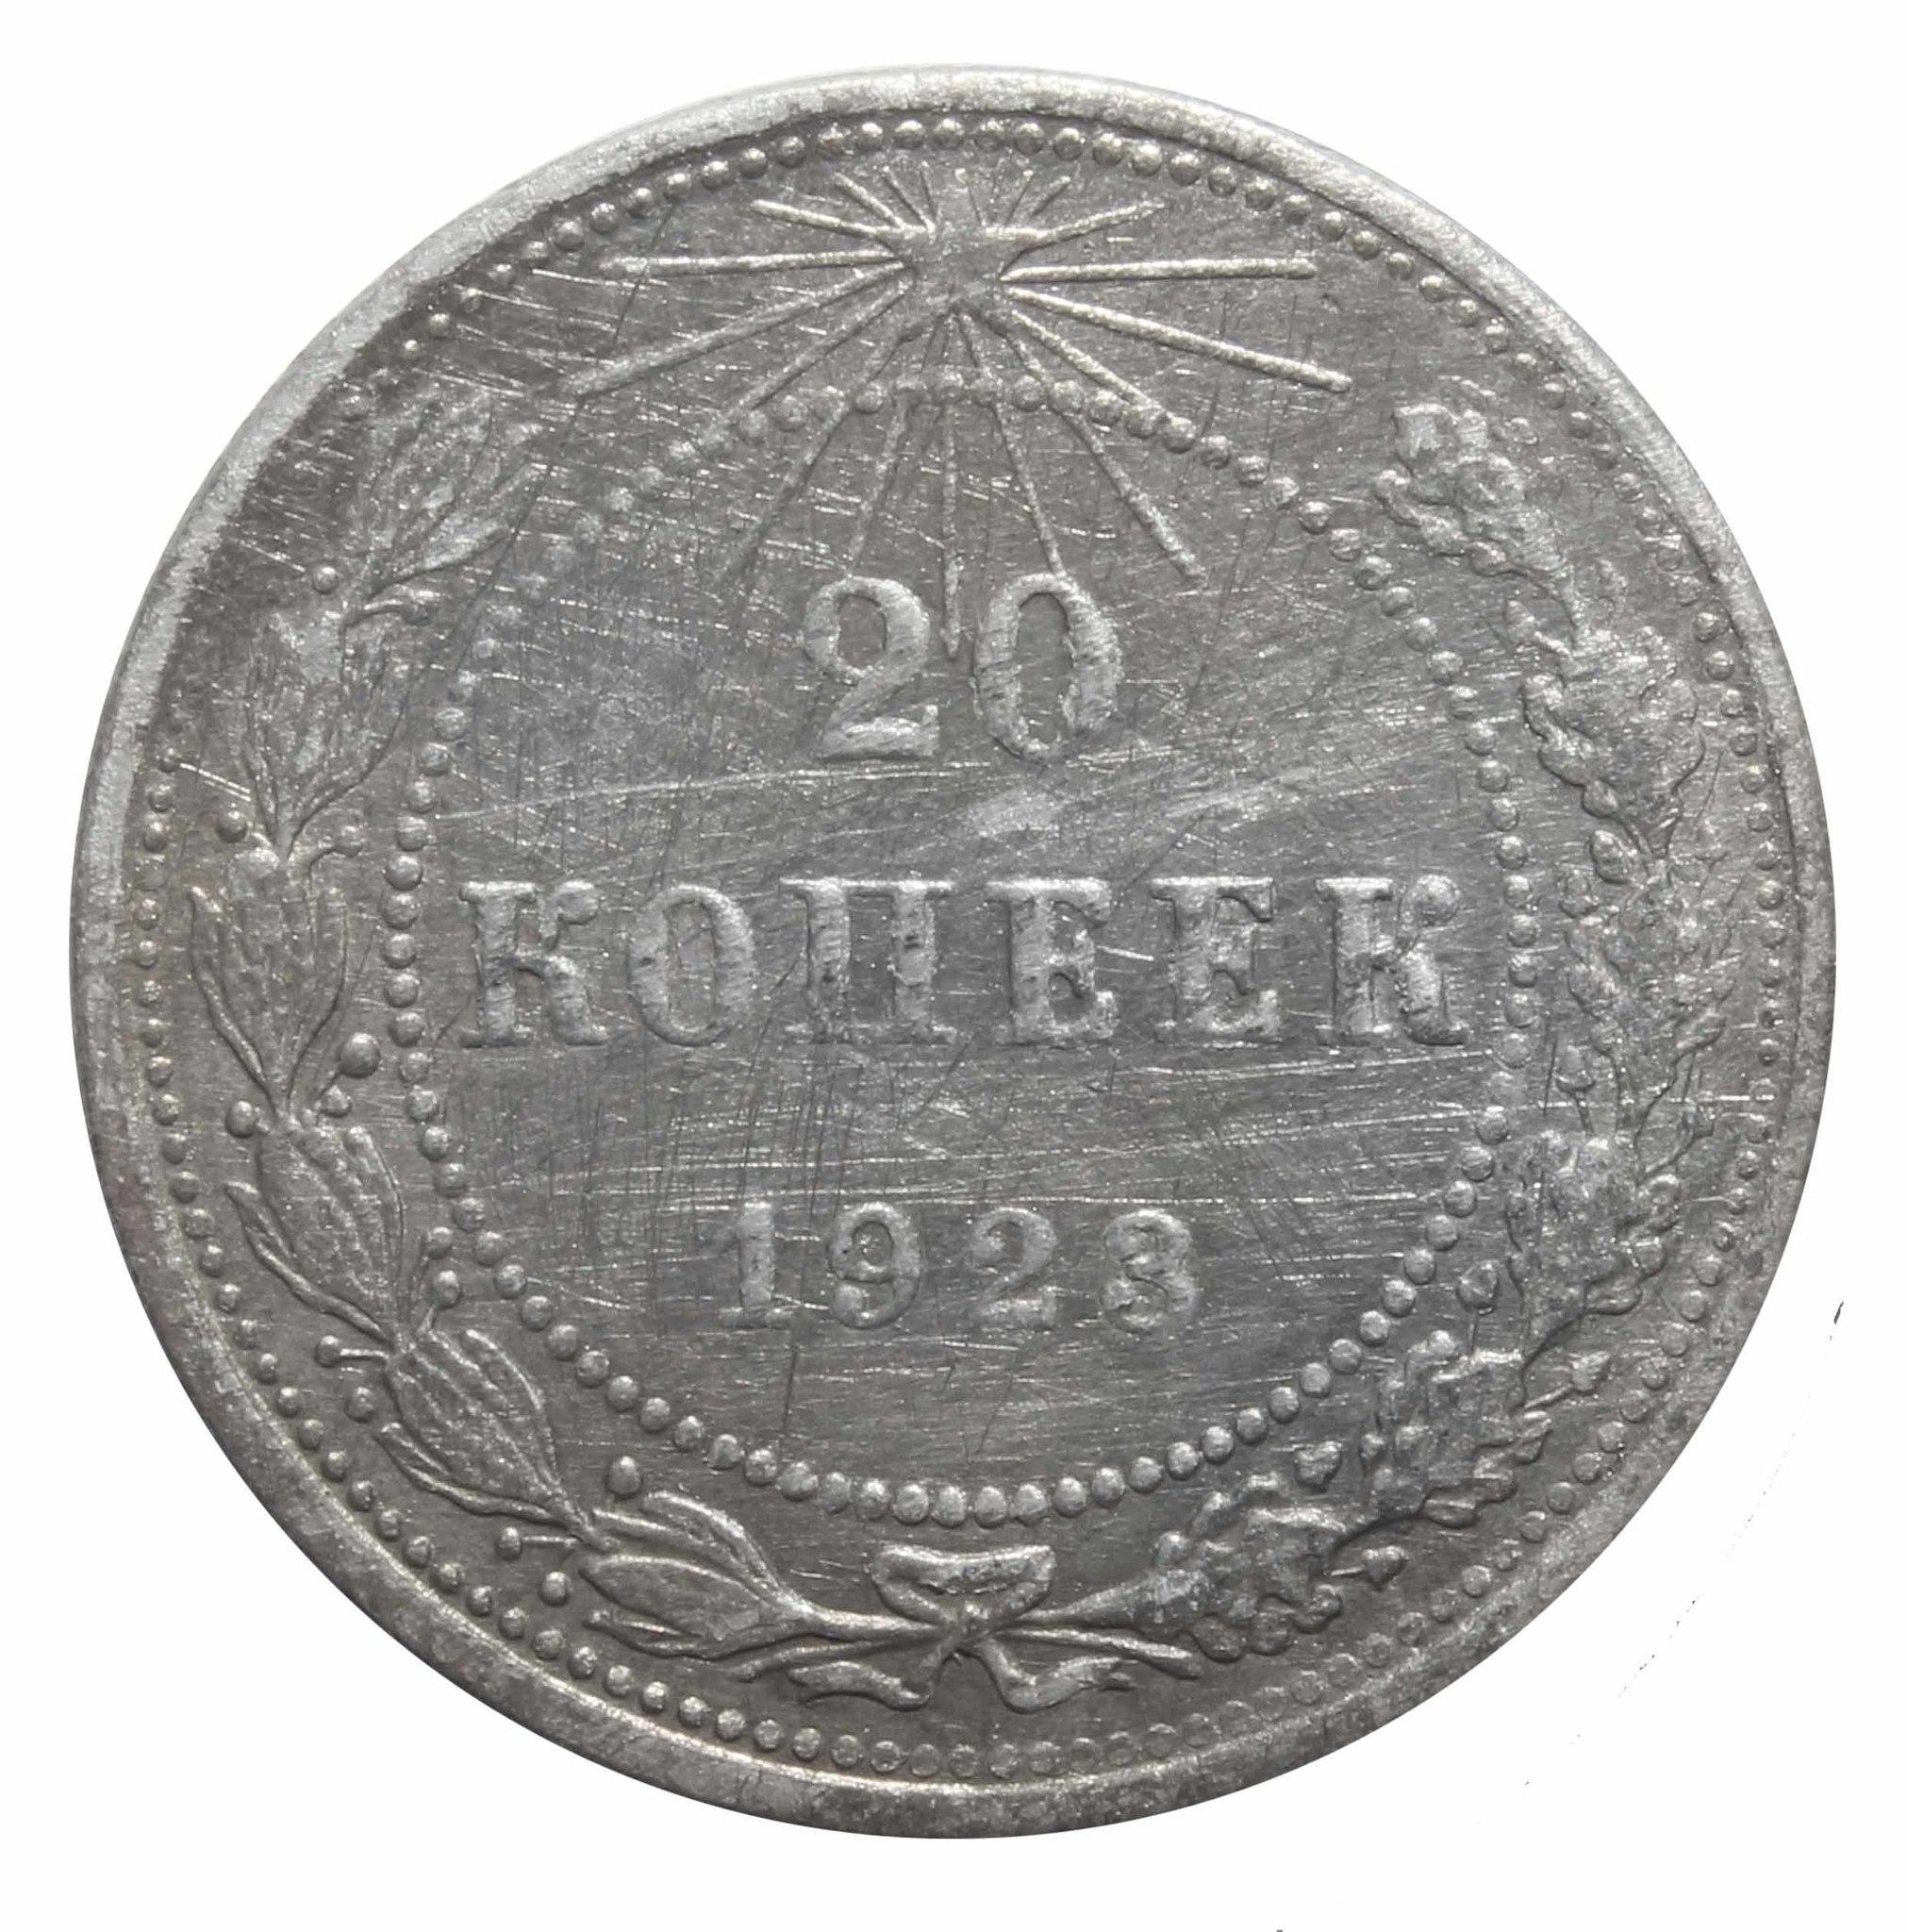 20 копеек 1923 года VG